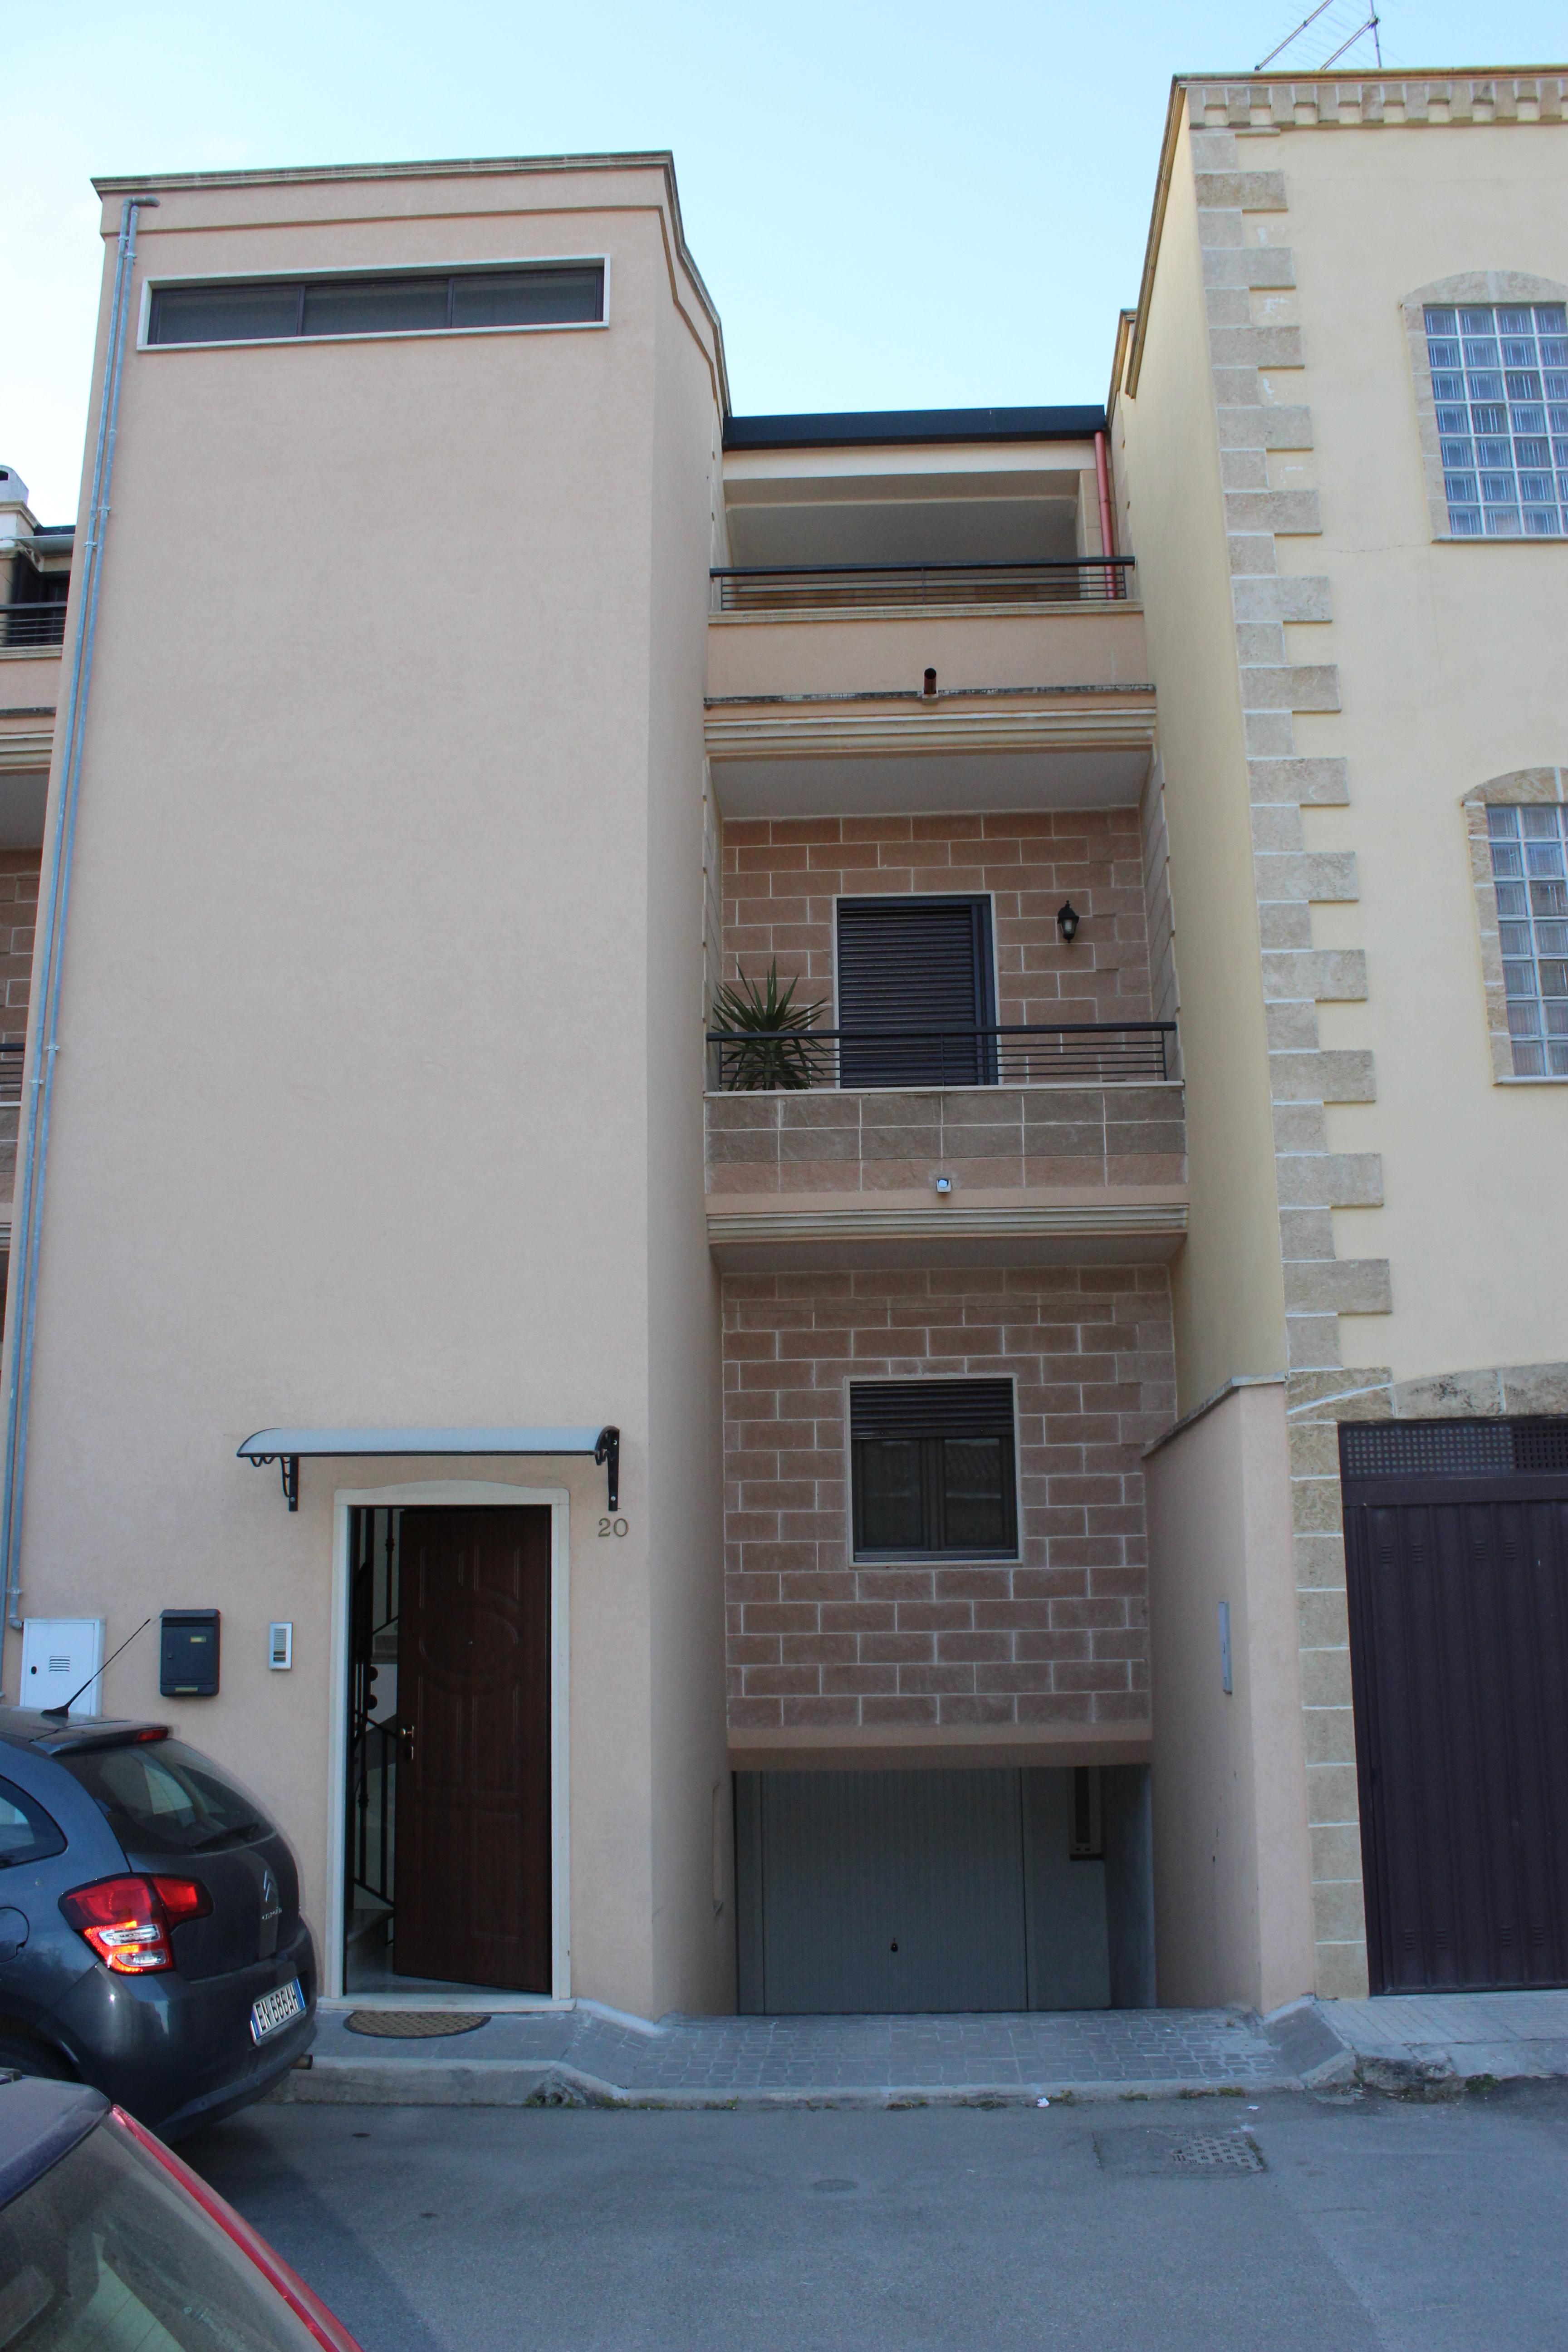 Oria:  Appartamento Indipendente  di recente costruzione